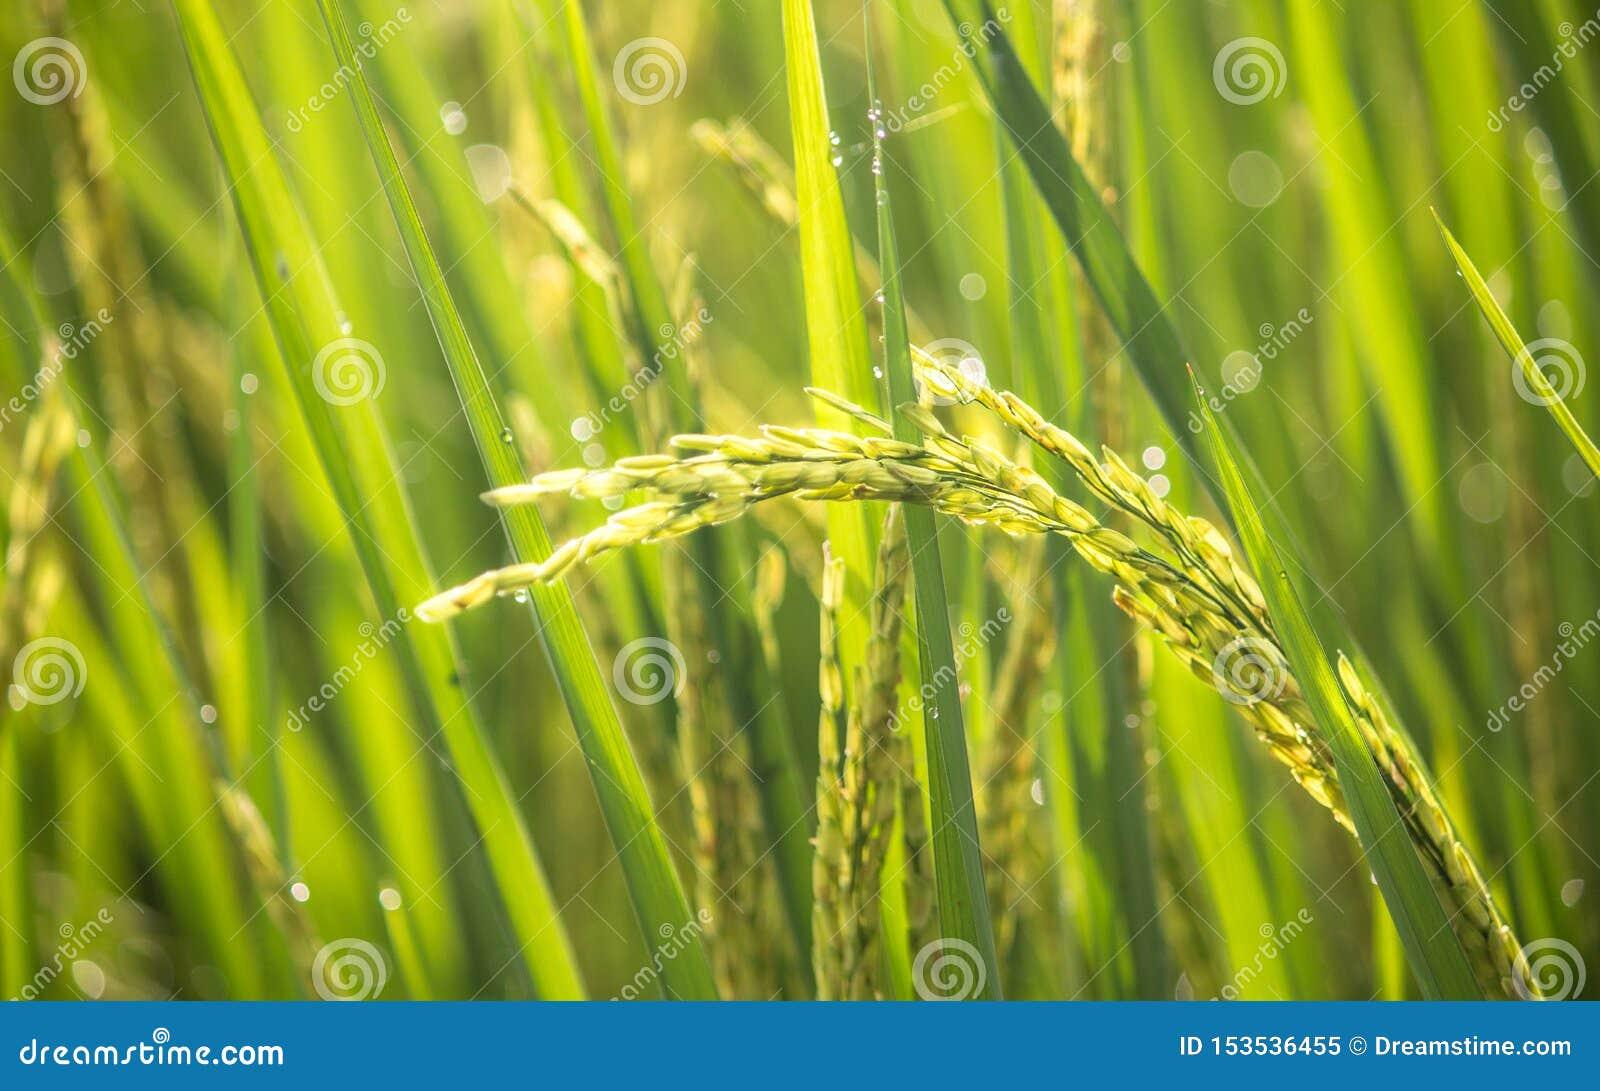 Culture de riz non-d?cortiqu?